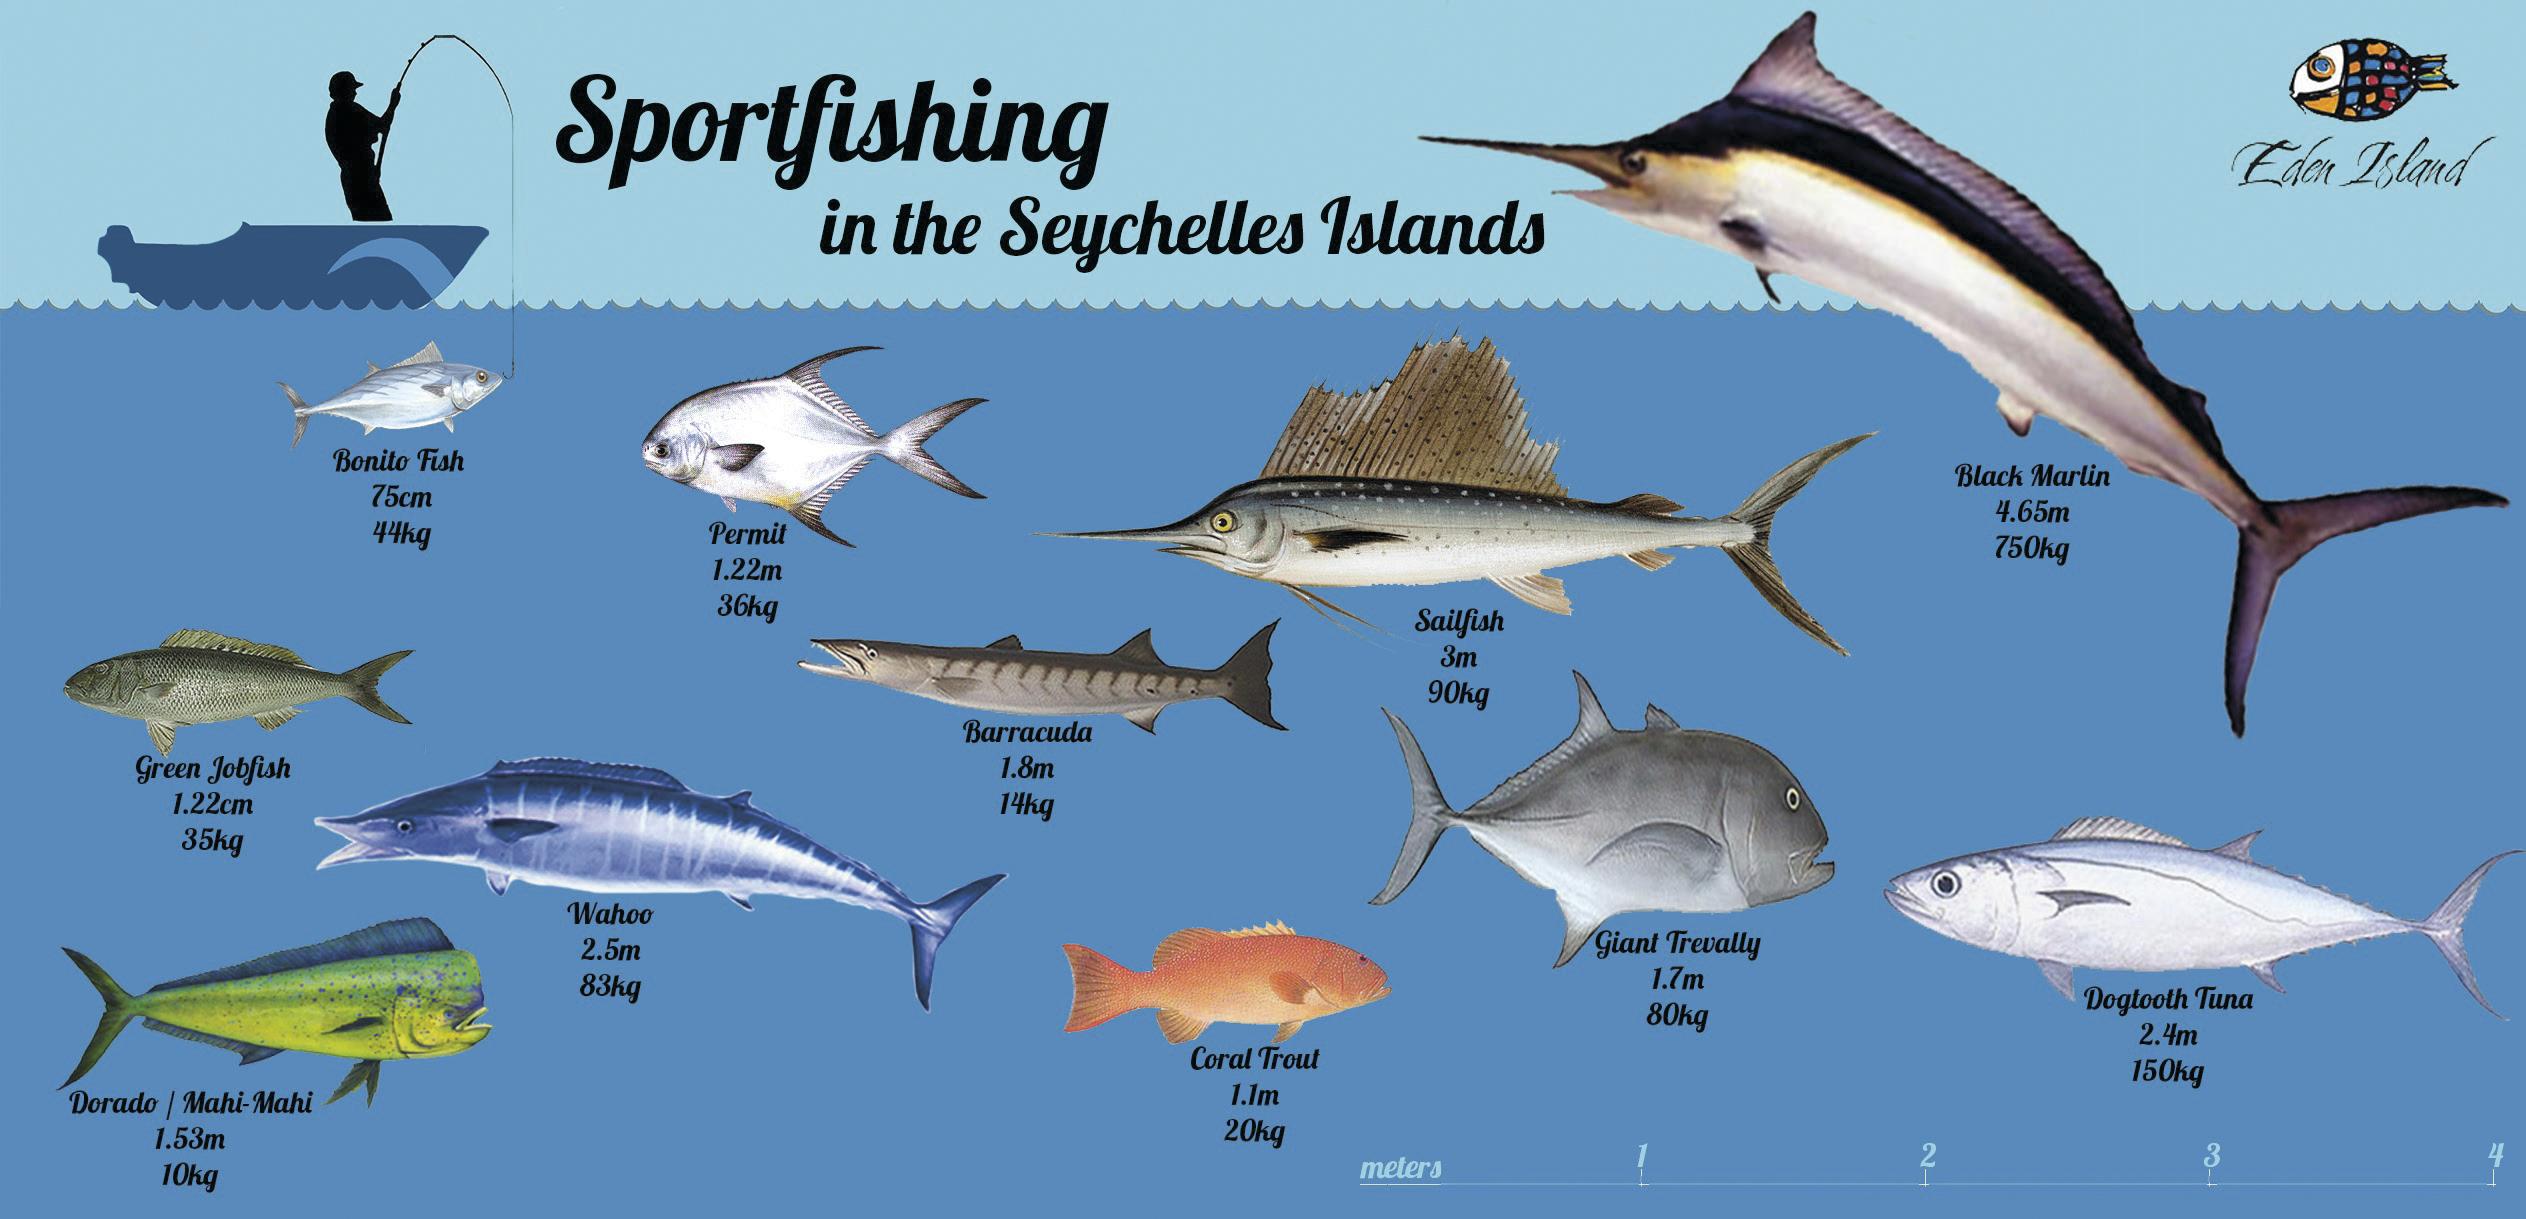 sportfishing